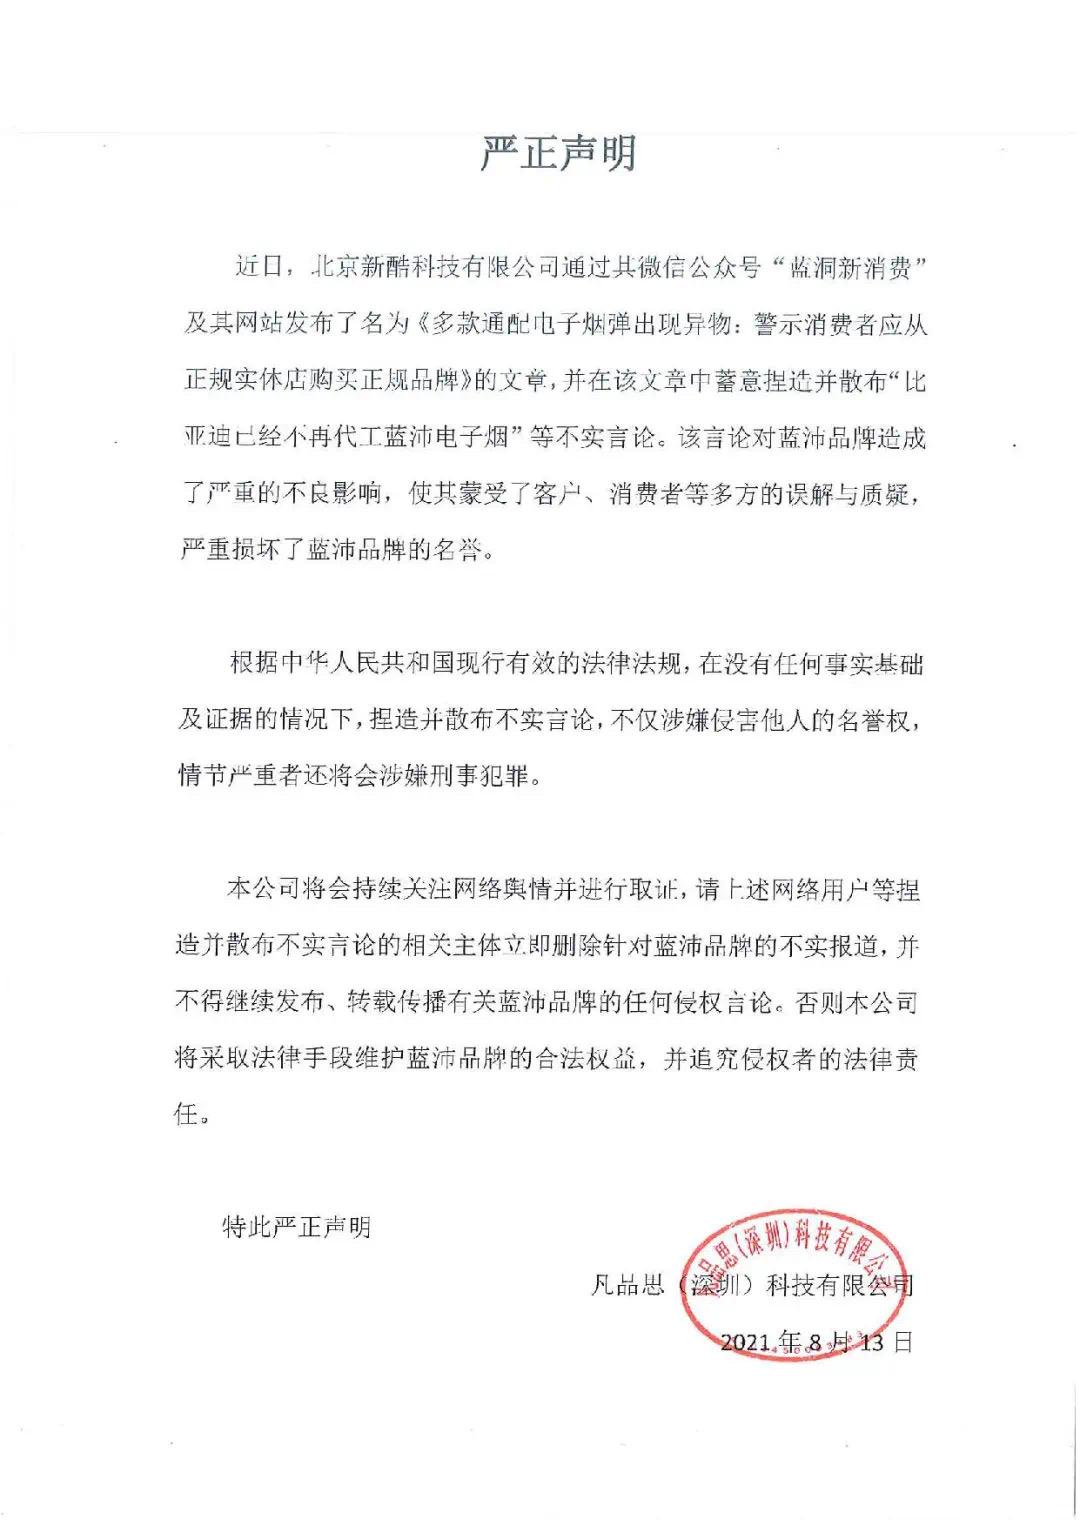 蓝沛发布针对蓝洞新消费不实报道的声明